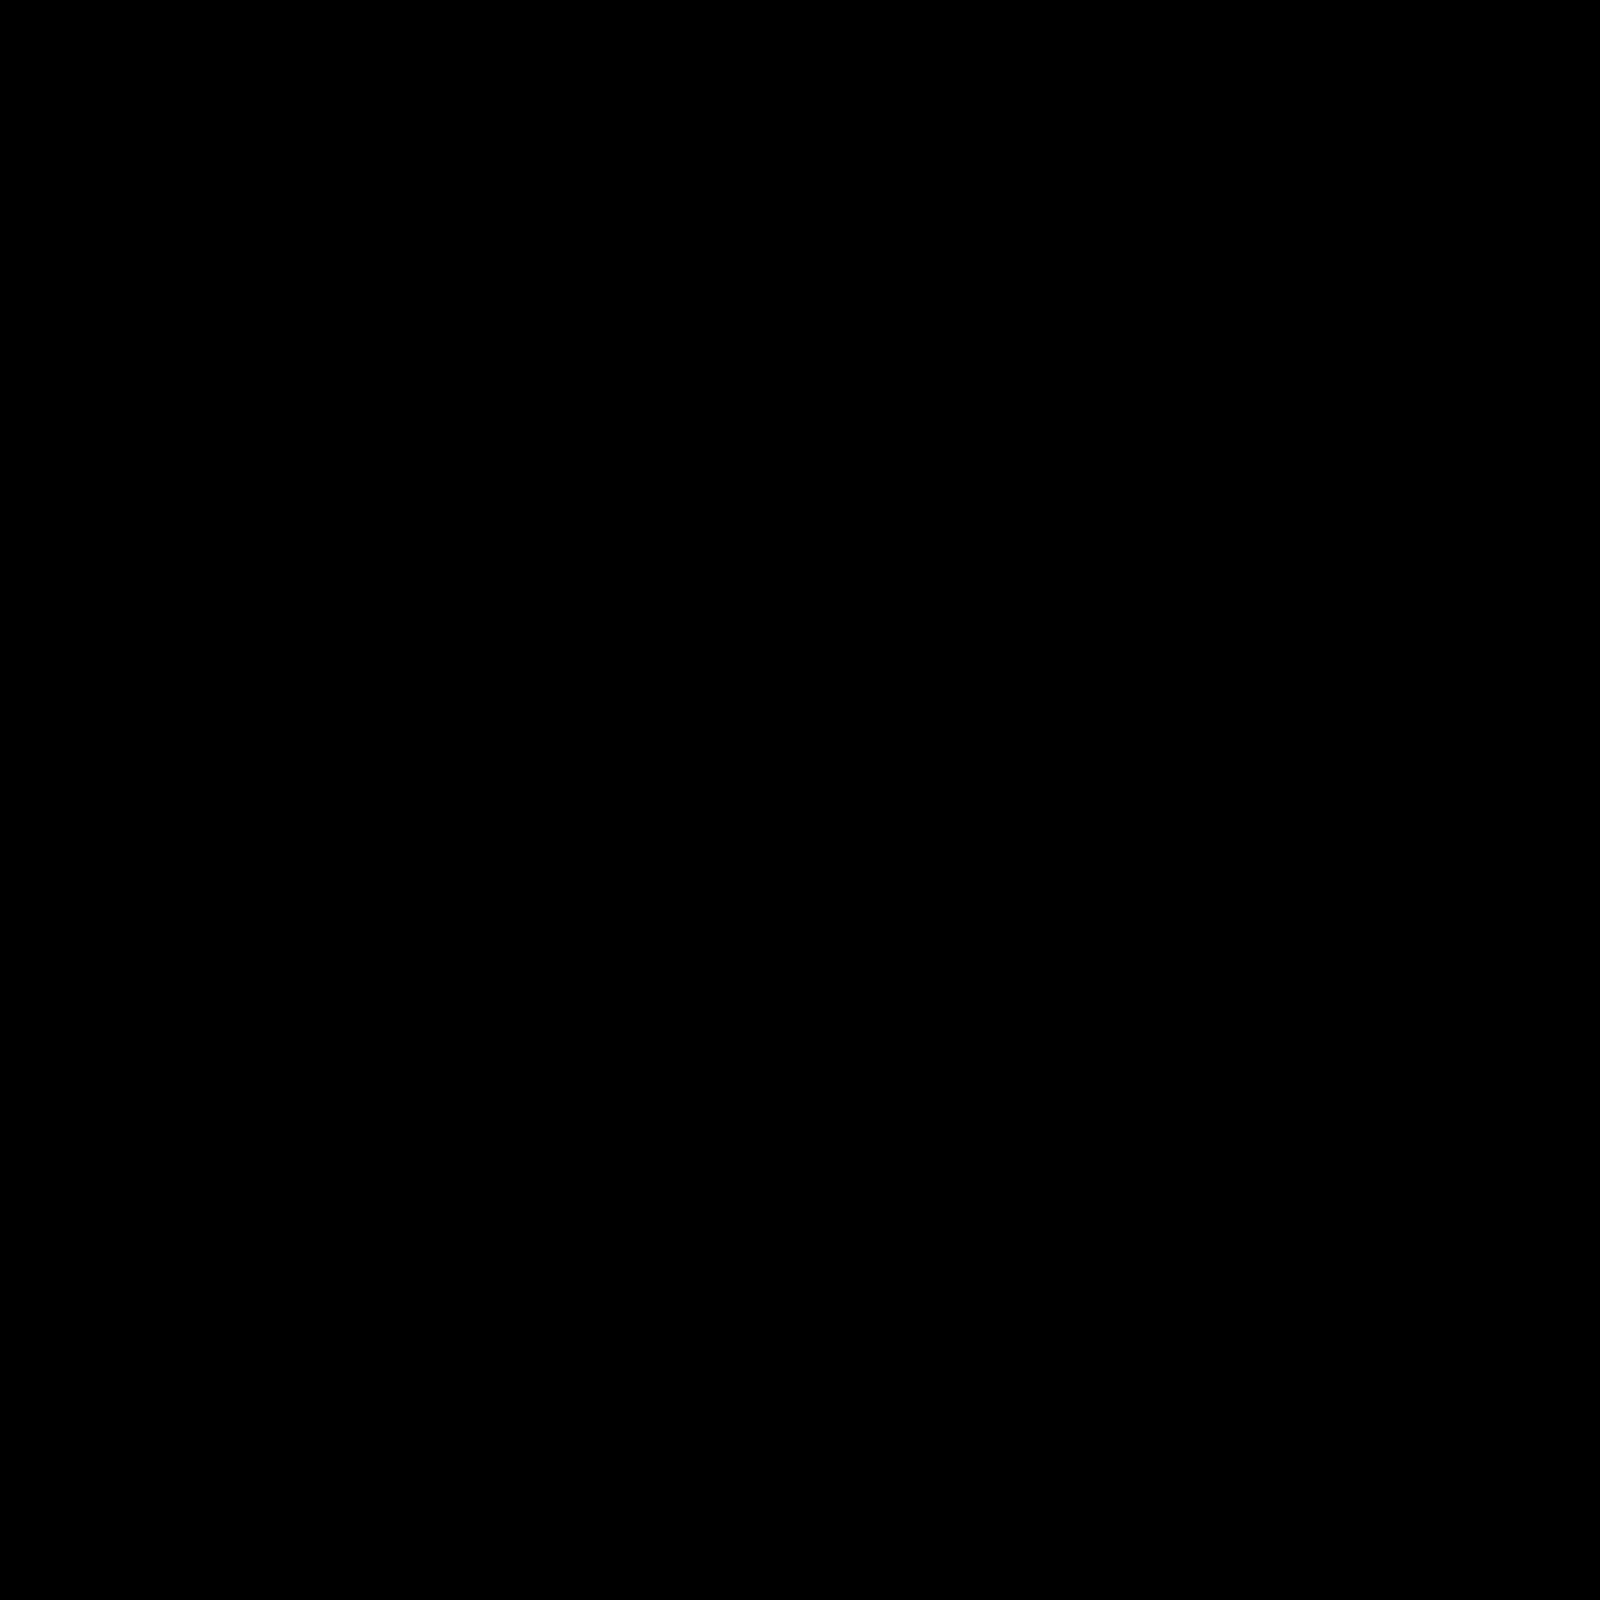 Валторна icon